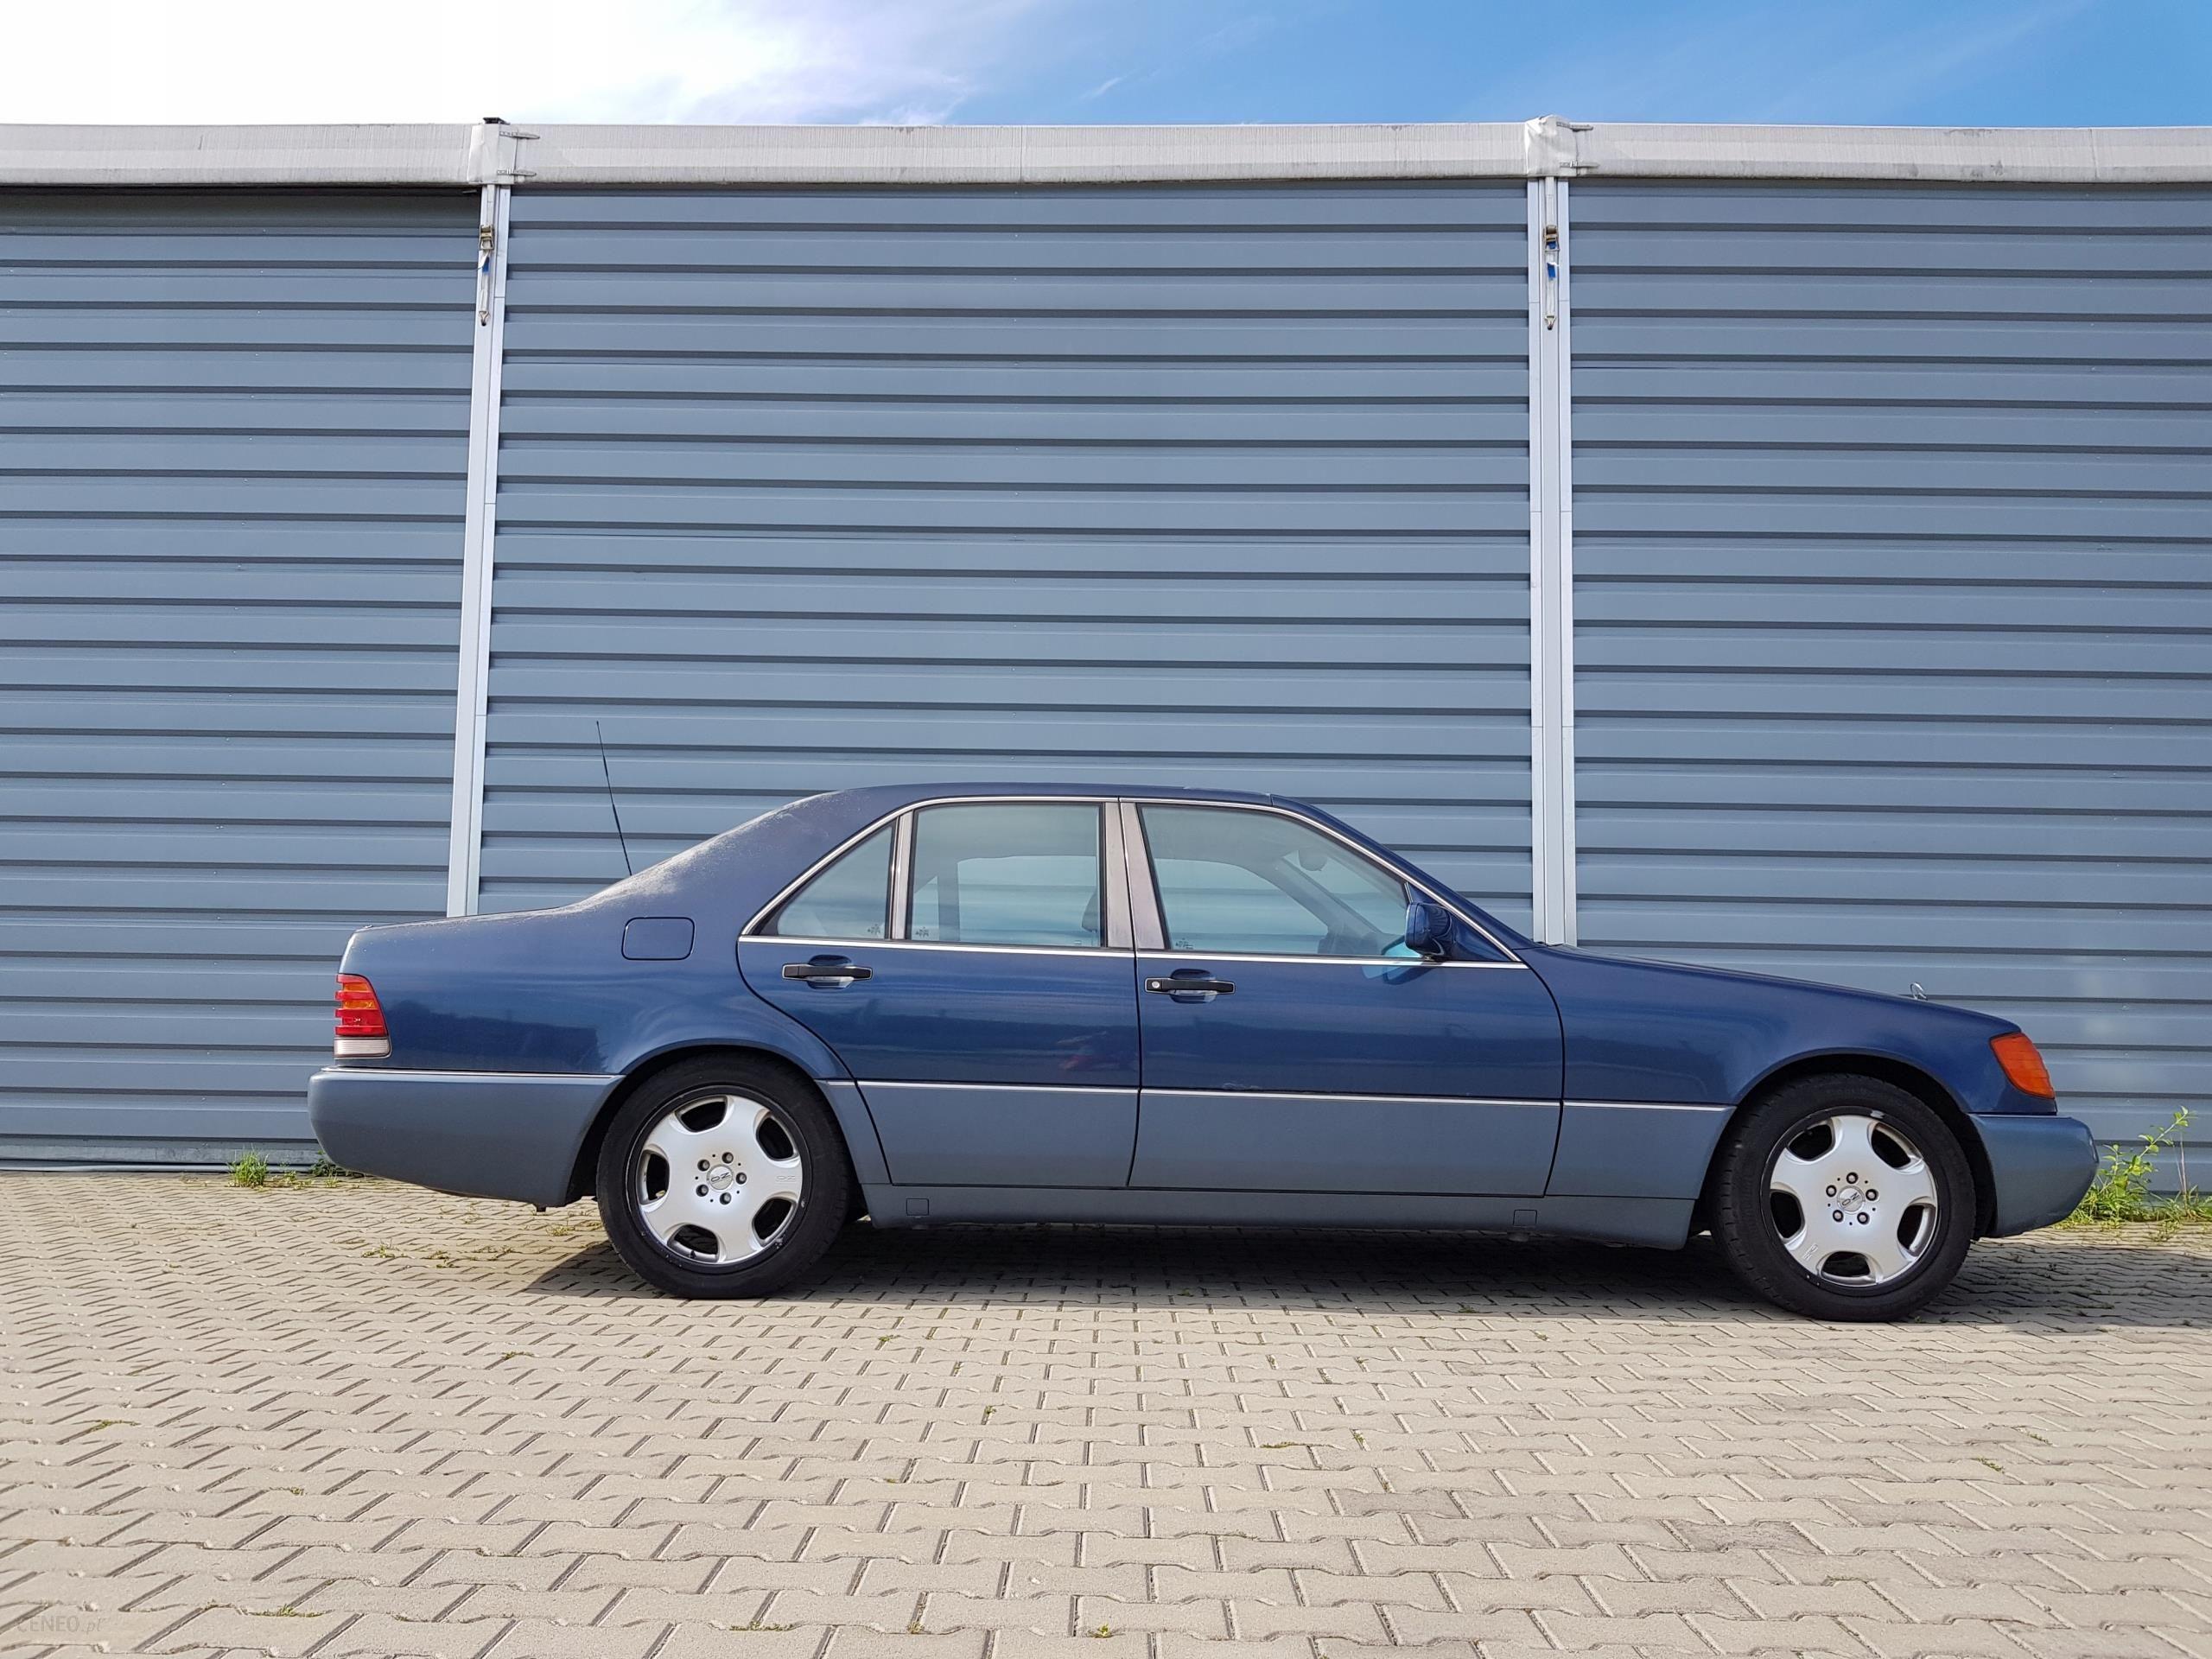 Mercedes S500 W140 Serwisowany w ASO z Niemiec zdjęcie 1